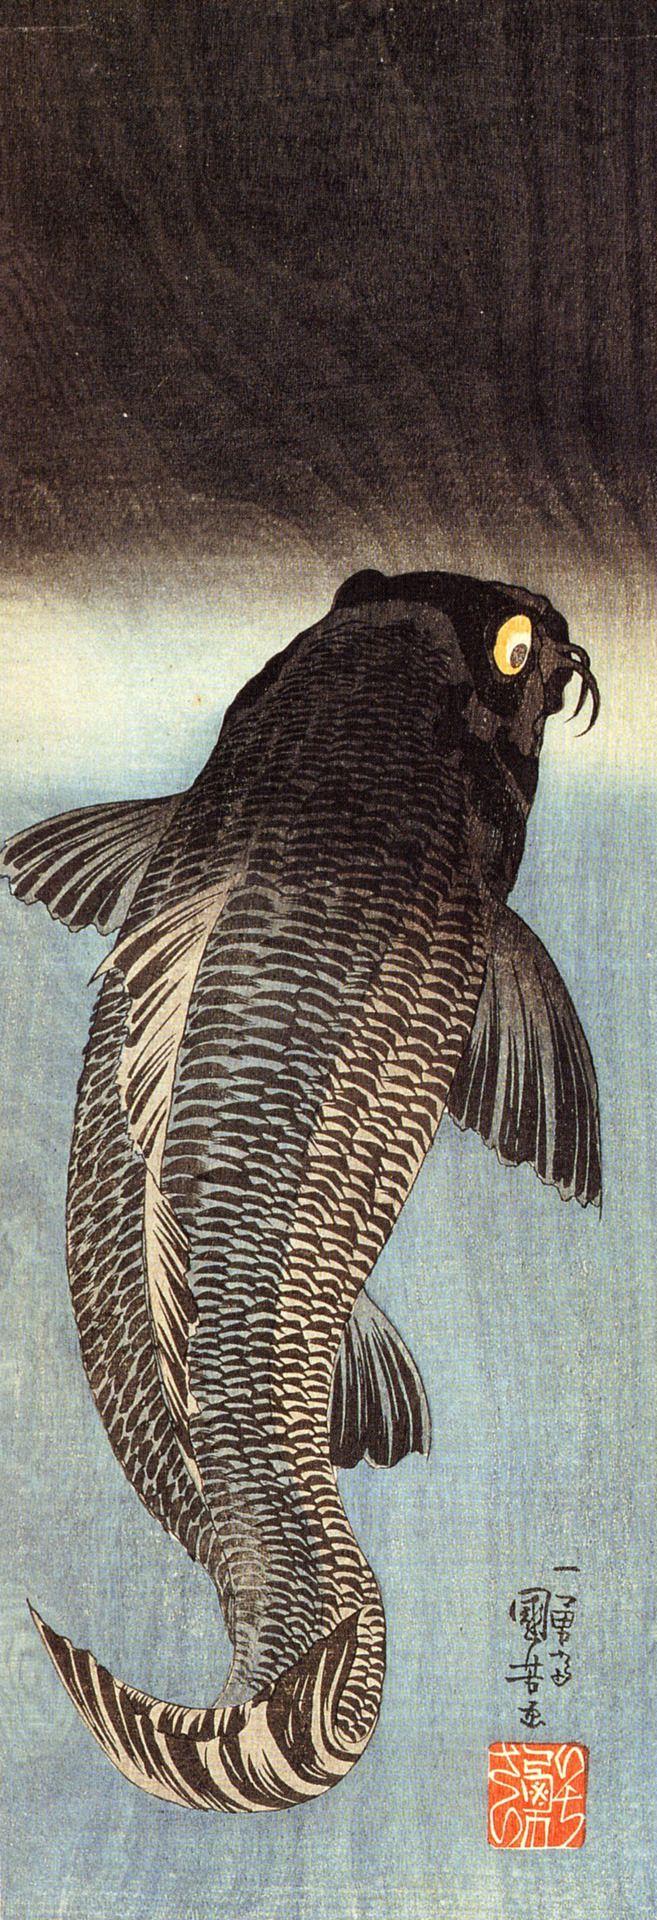 [] 黒鯉//歌川国芳 [] black carp [] [] [] by Kuniyoshi Utagawa 国芳歌川 [] [1797 – 1861] []…